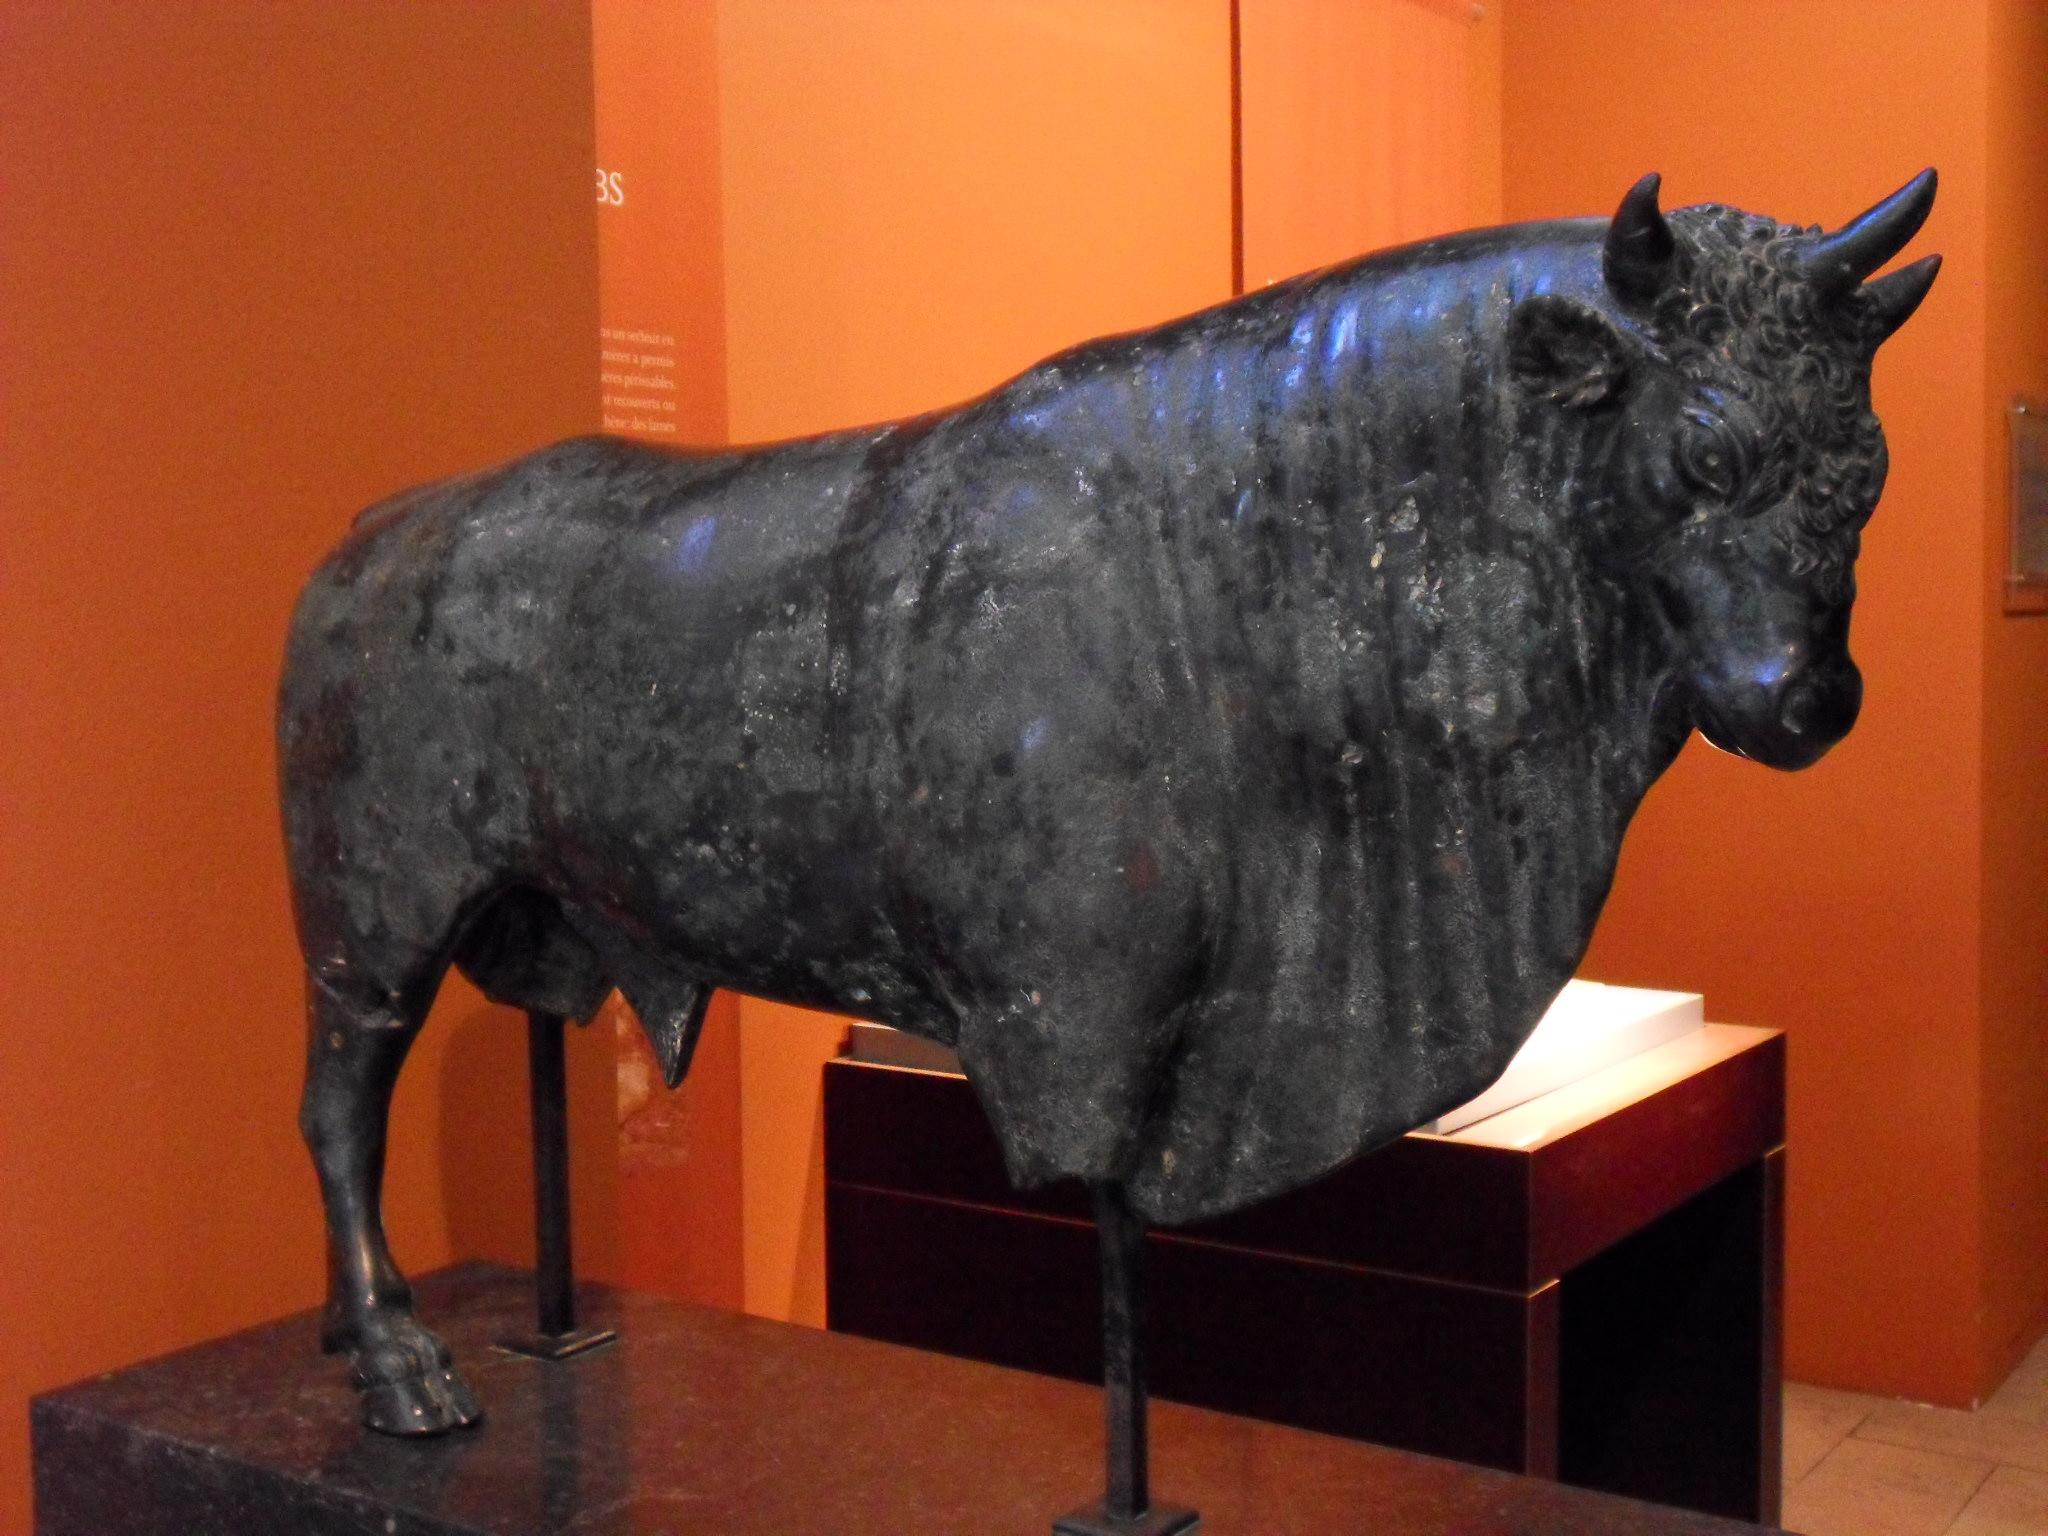 Bourgogne et franche comt les gallo romains for Magasin meuble macon besancon